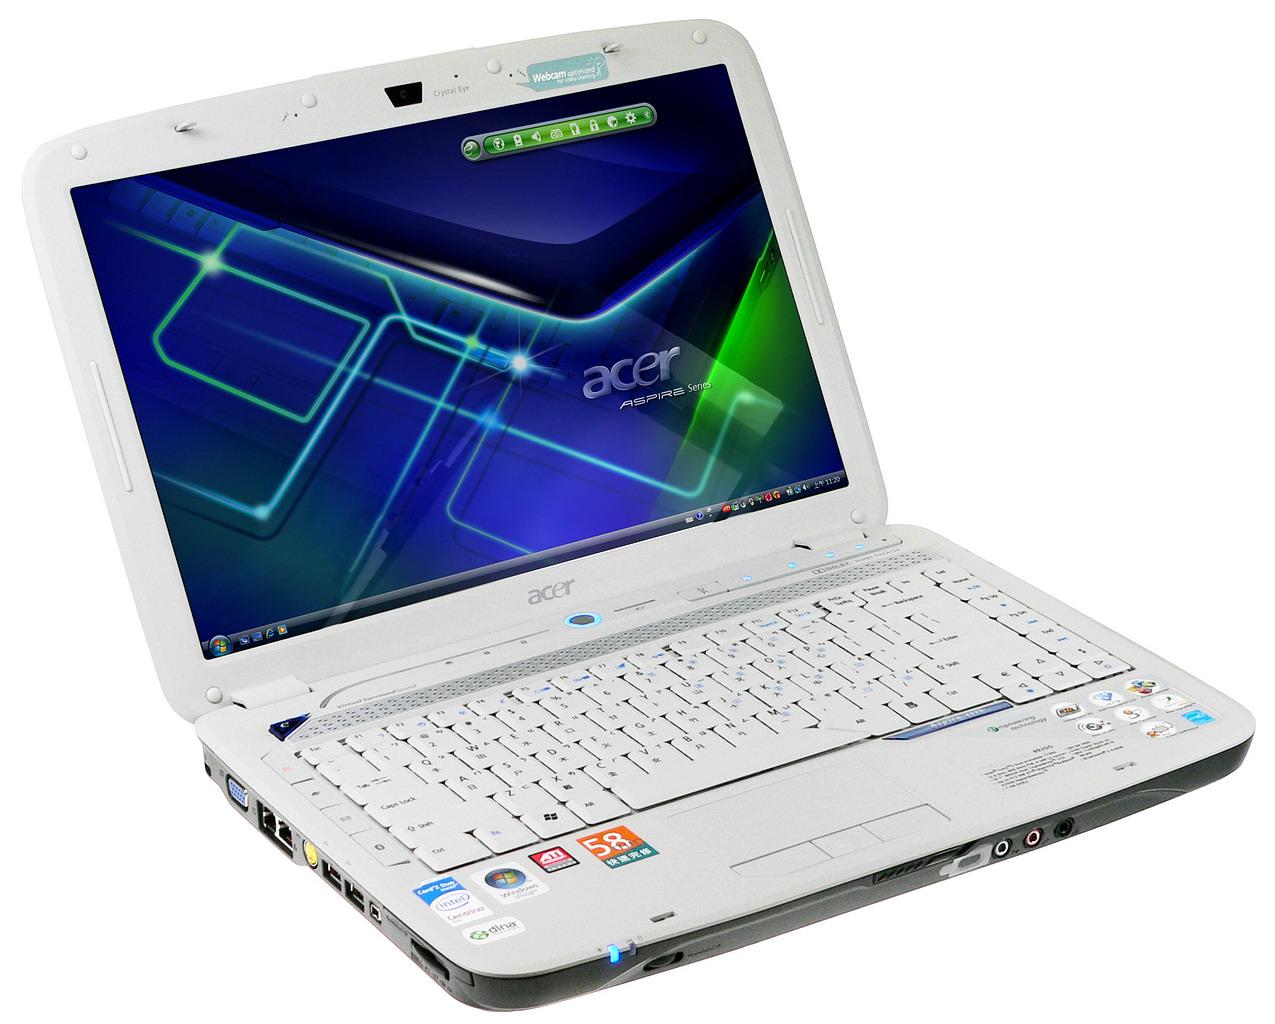 Daftar harga laptop Acer Februari 2013 Lengkap